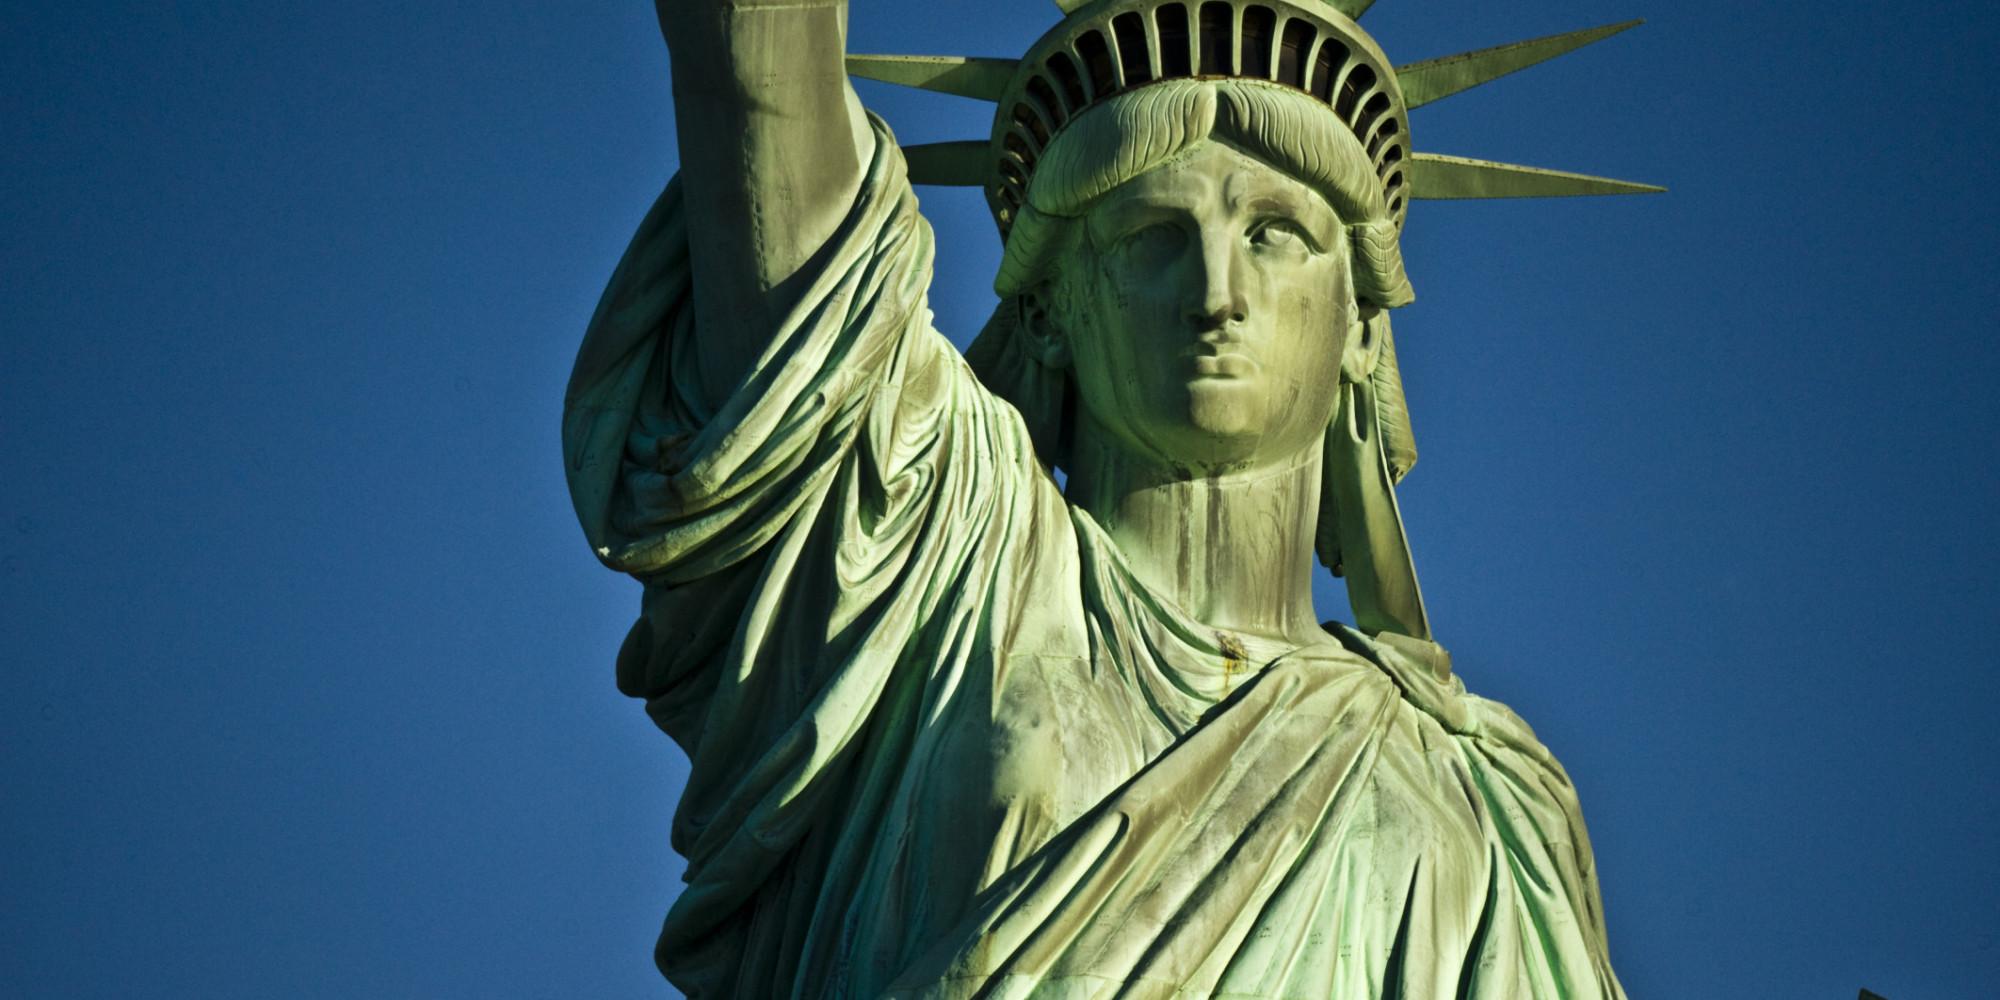 Το άγαλμα της Ελευθερίας στην είσοδο της Νέας Υόρκης